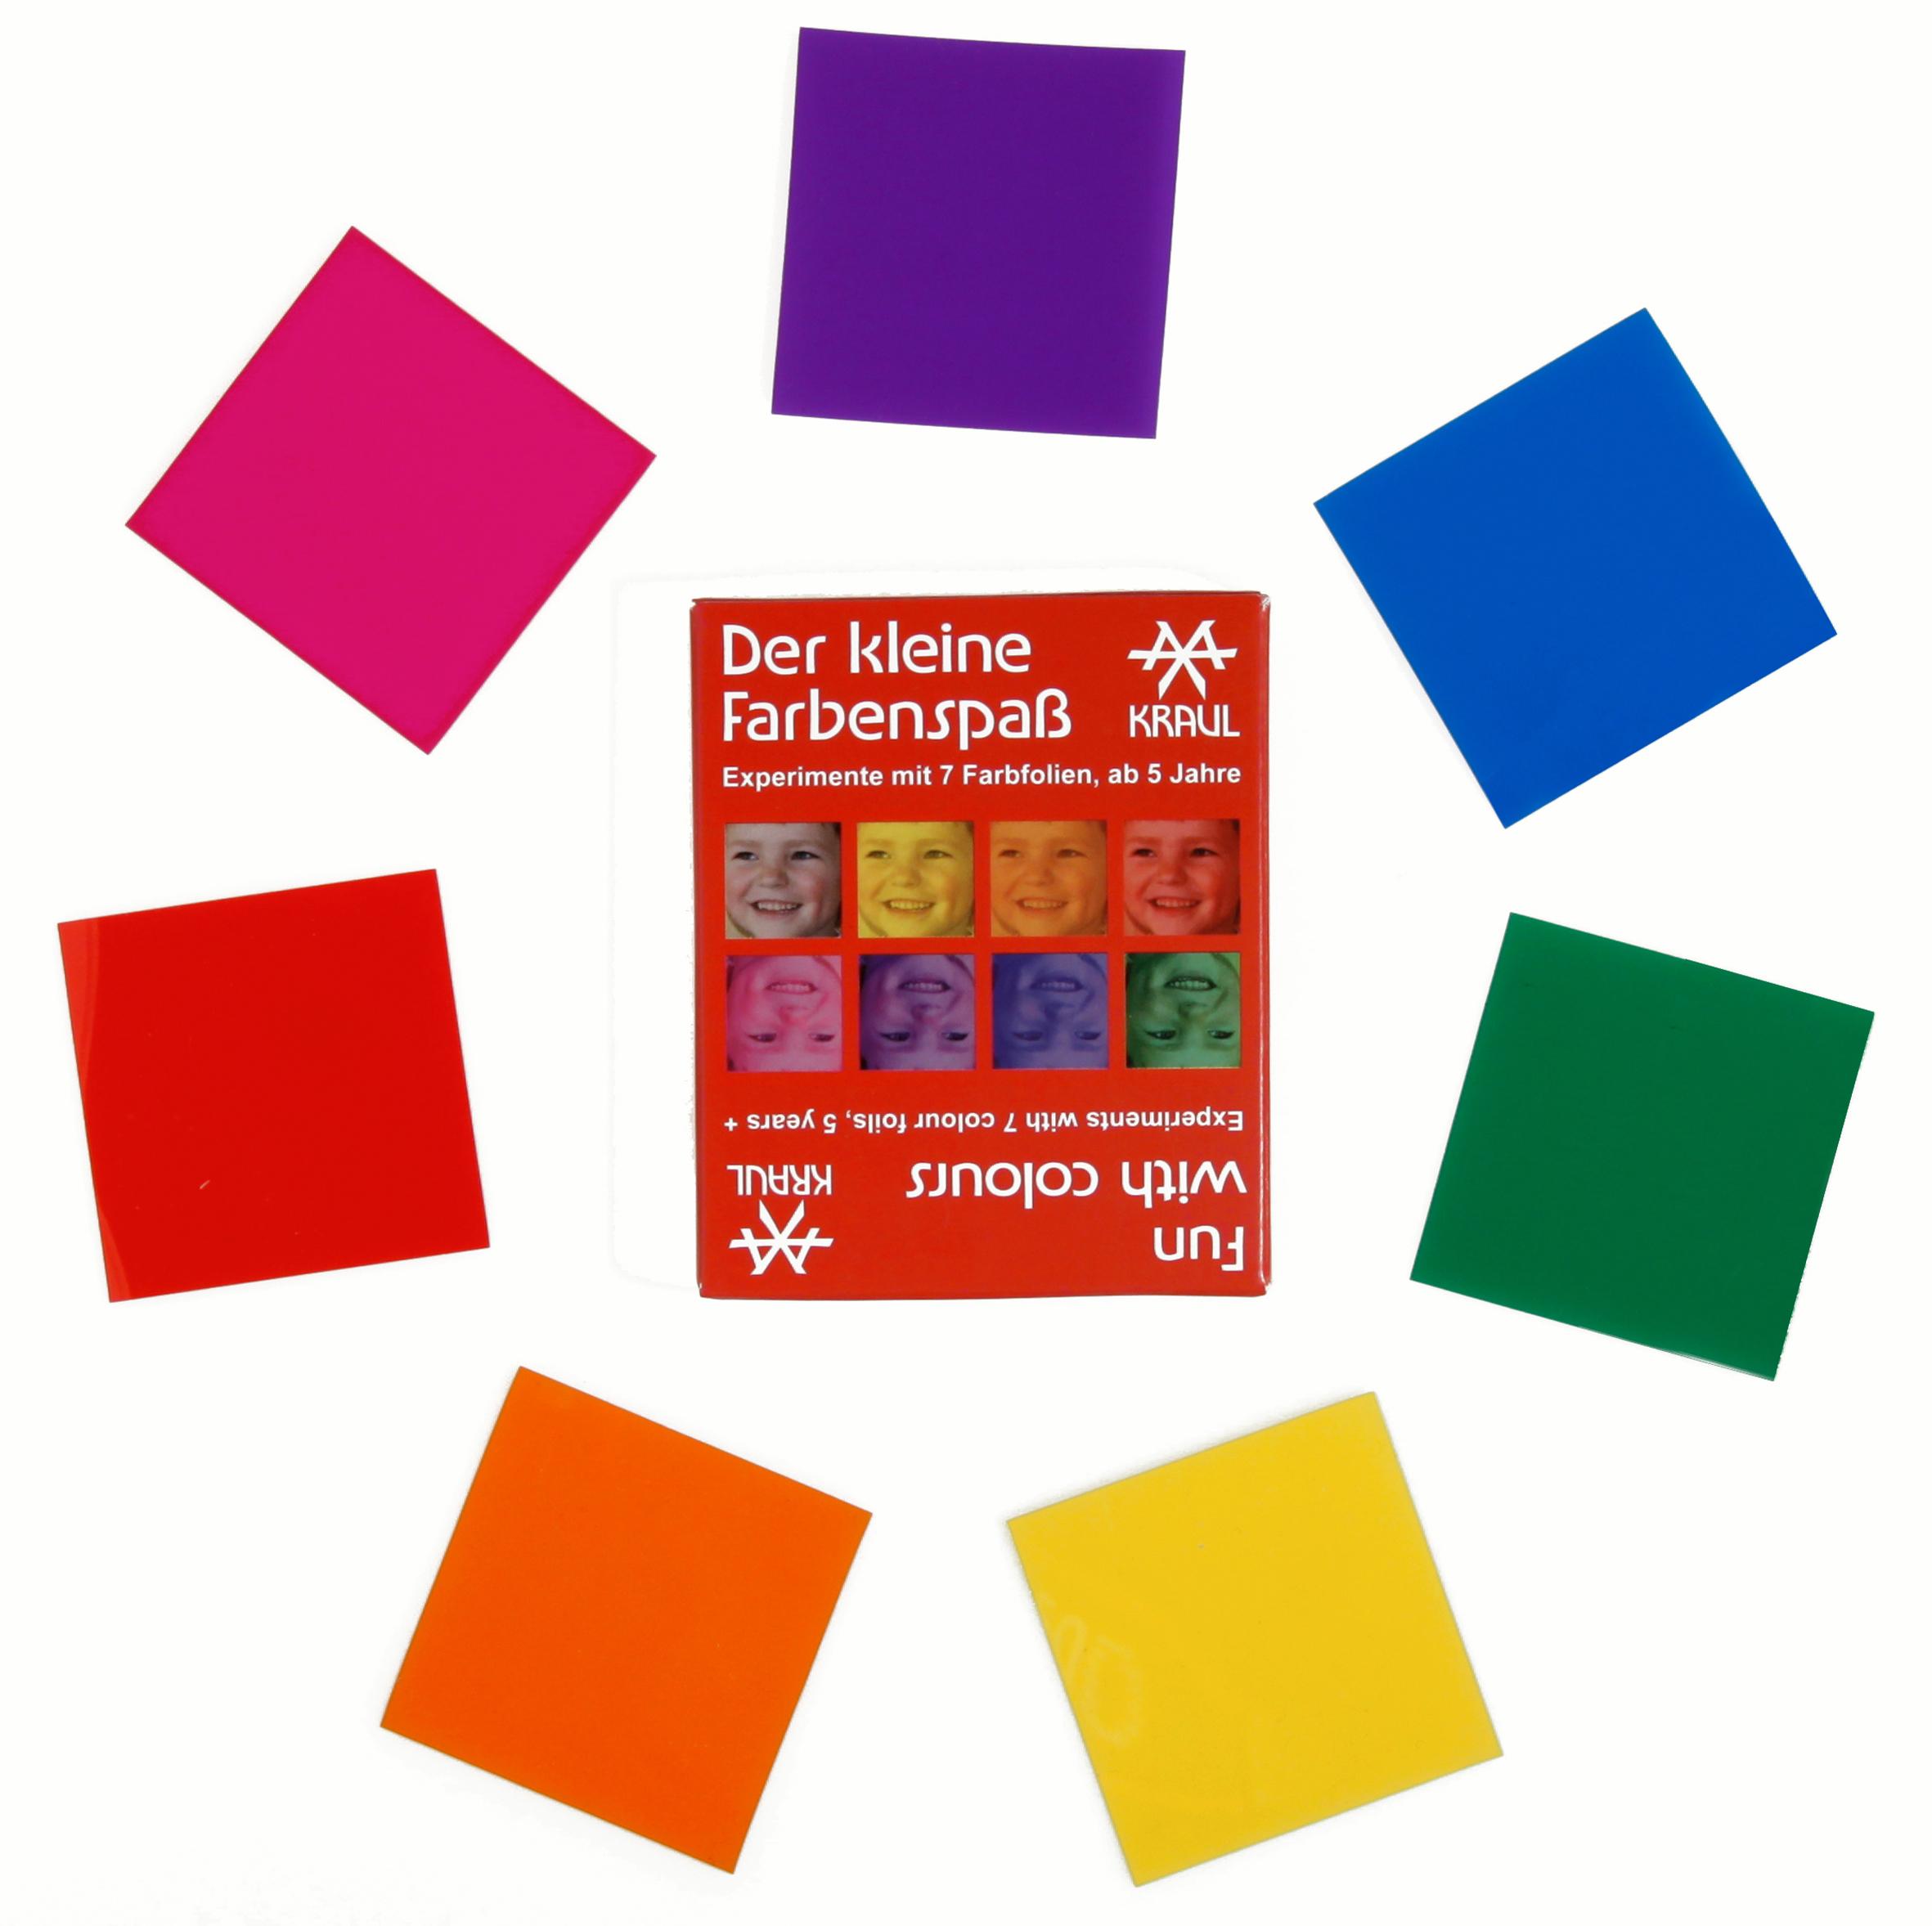 Der kleine Farbenspaß von Kraul, Nr. 5570